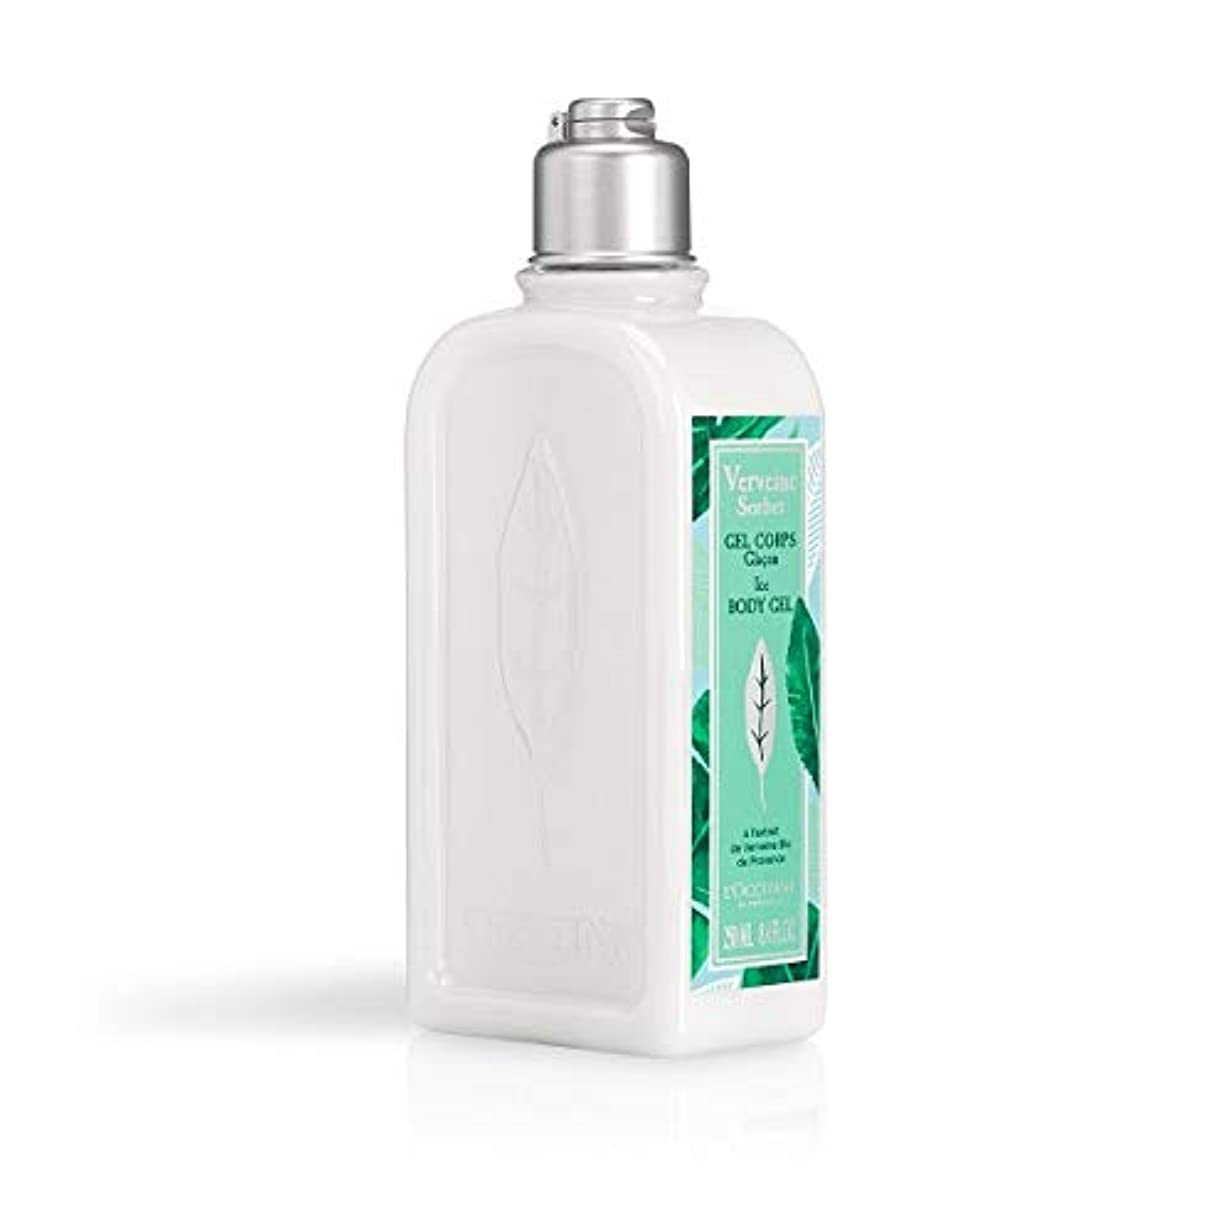 用心する巨人ドループロクシタン(L'OCCITANE) ミントウ゛ァーベナ ソルベボディジェル 250ml(ボディ用乳液)